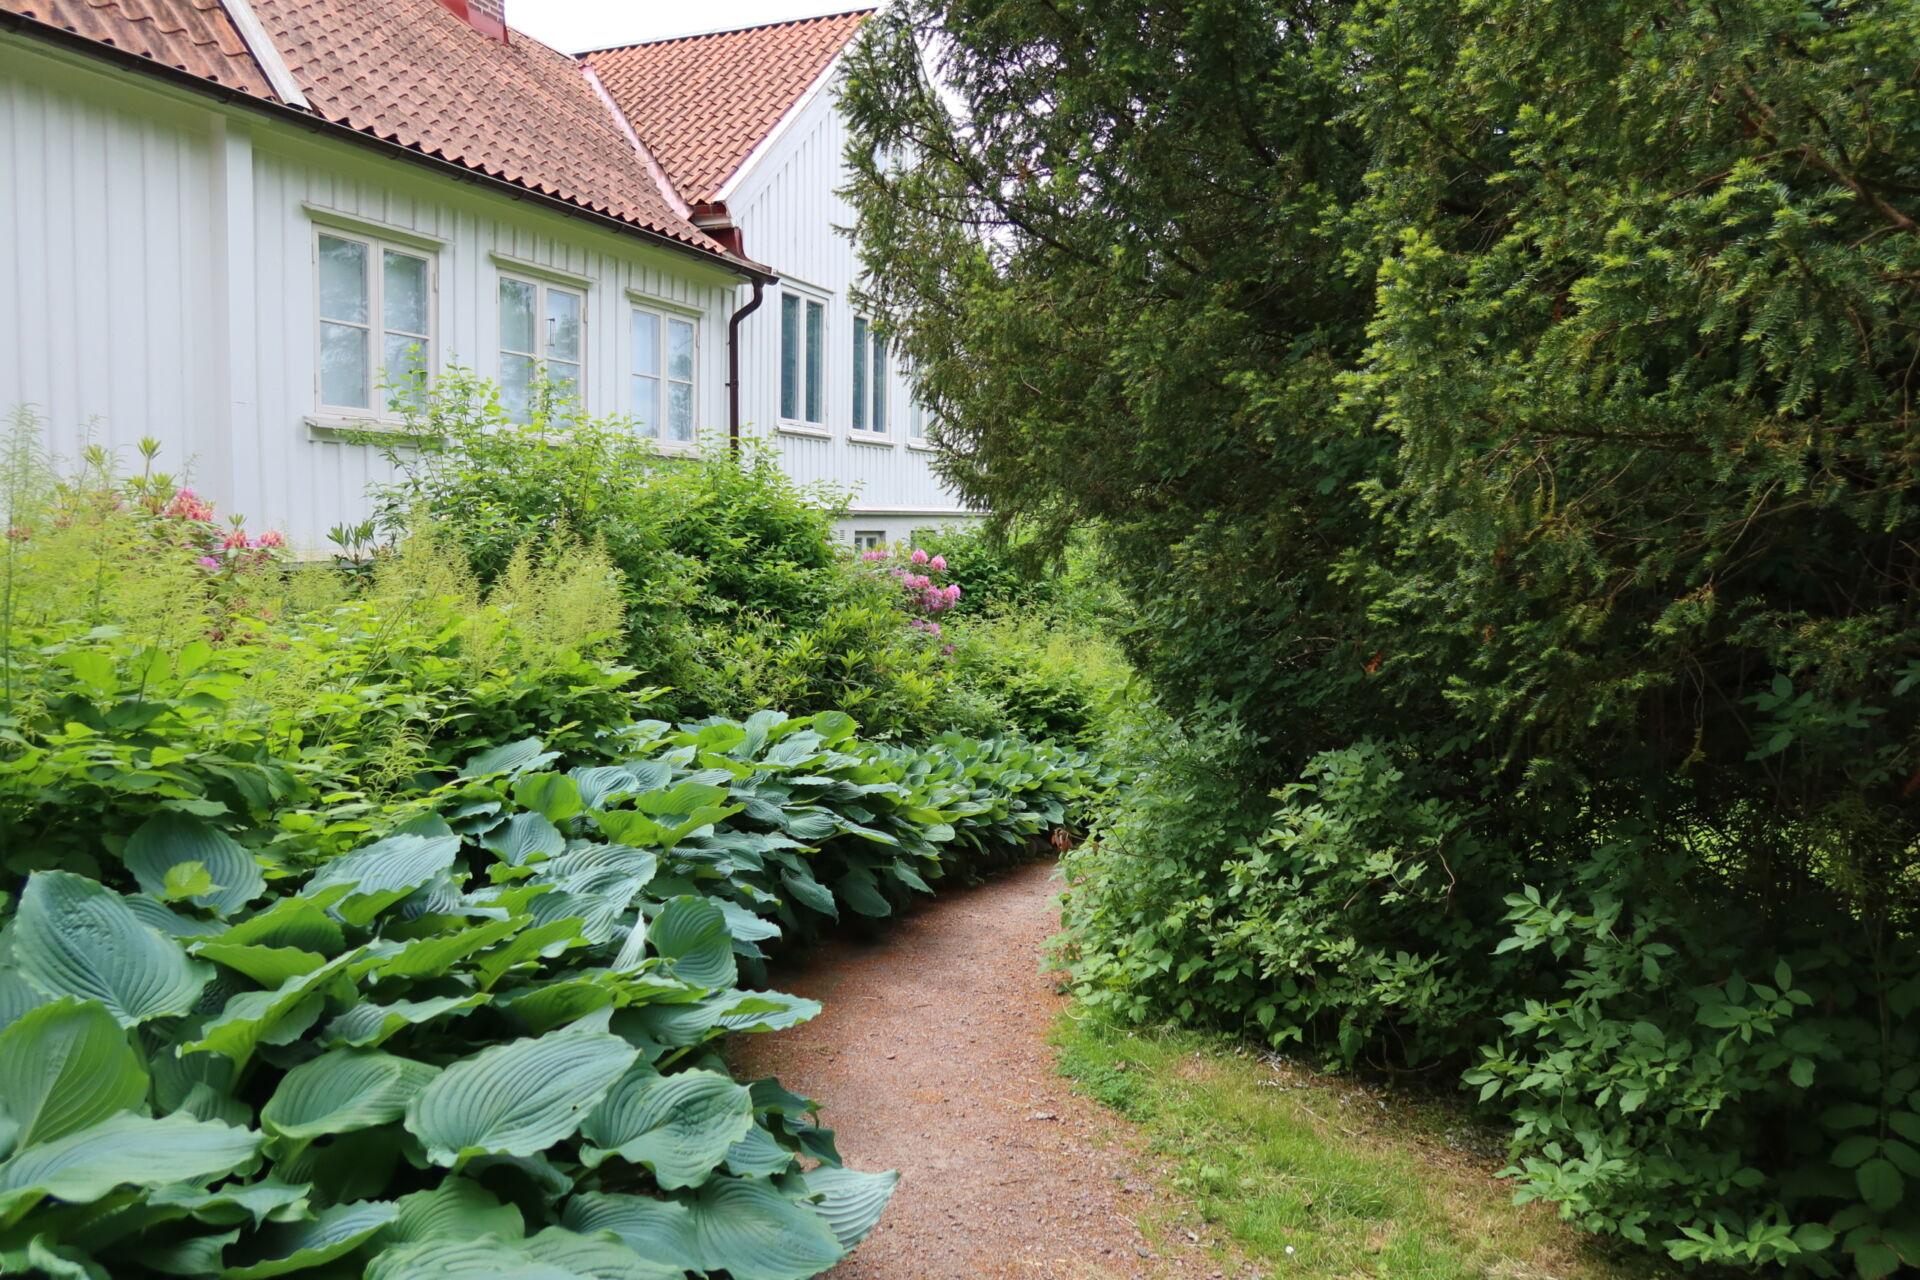 Utomhusvisning av Lilla Änggården 22 aug